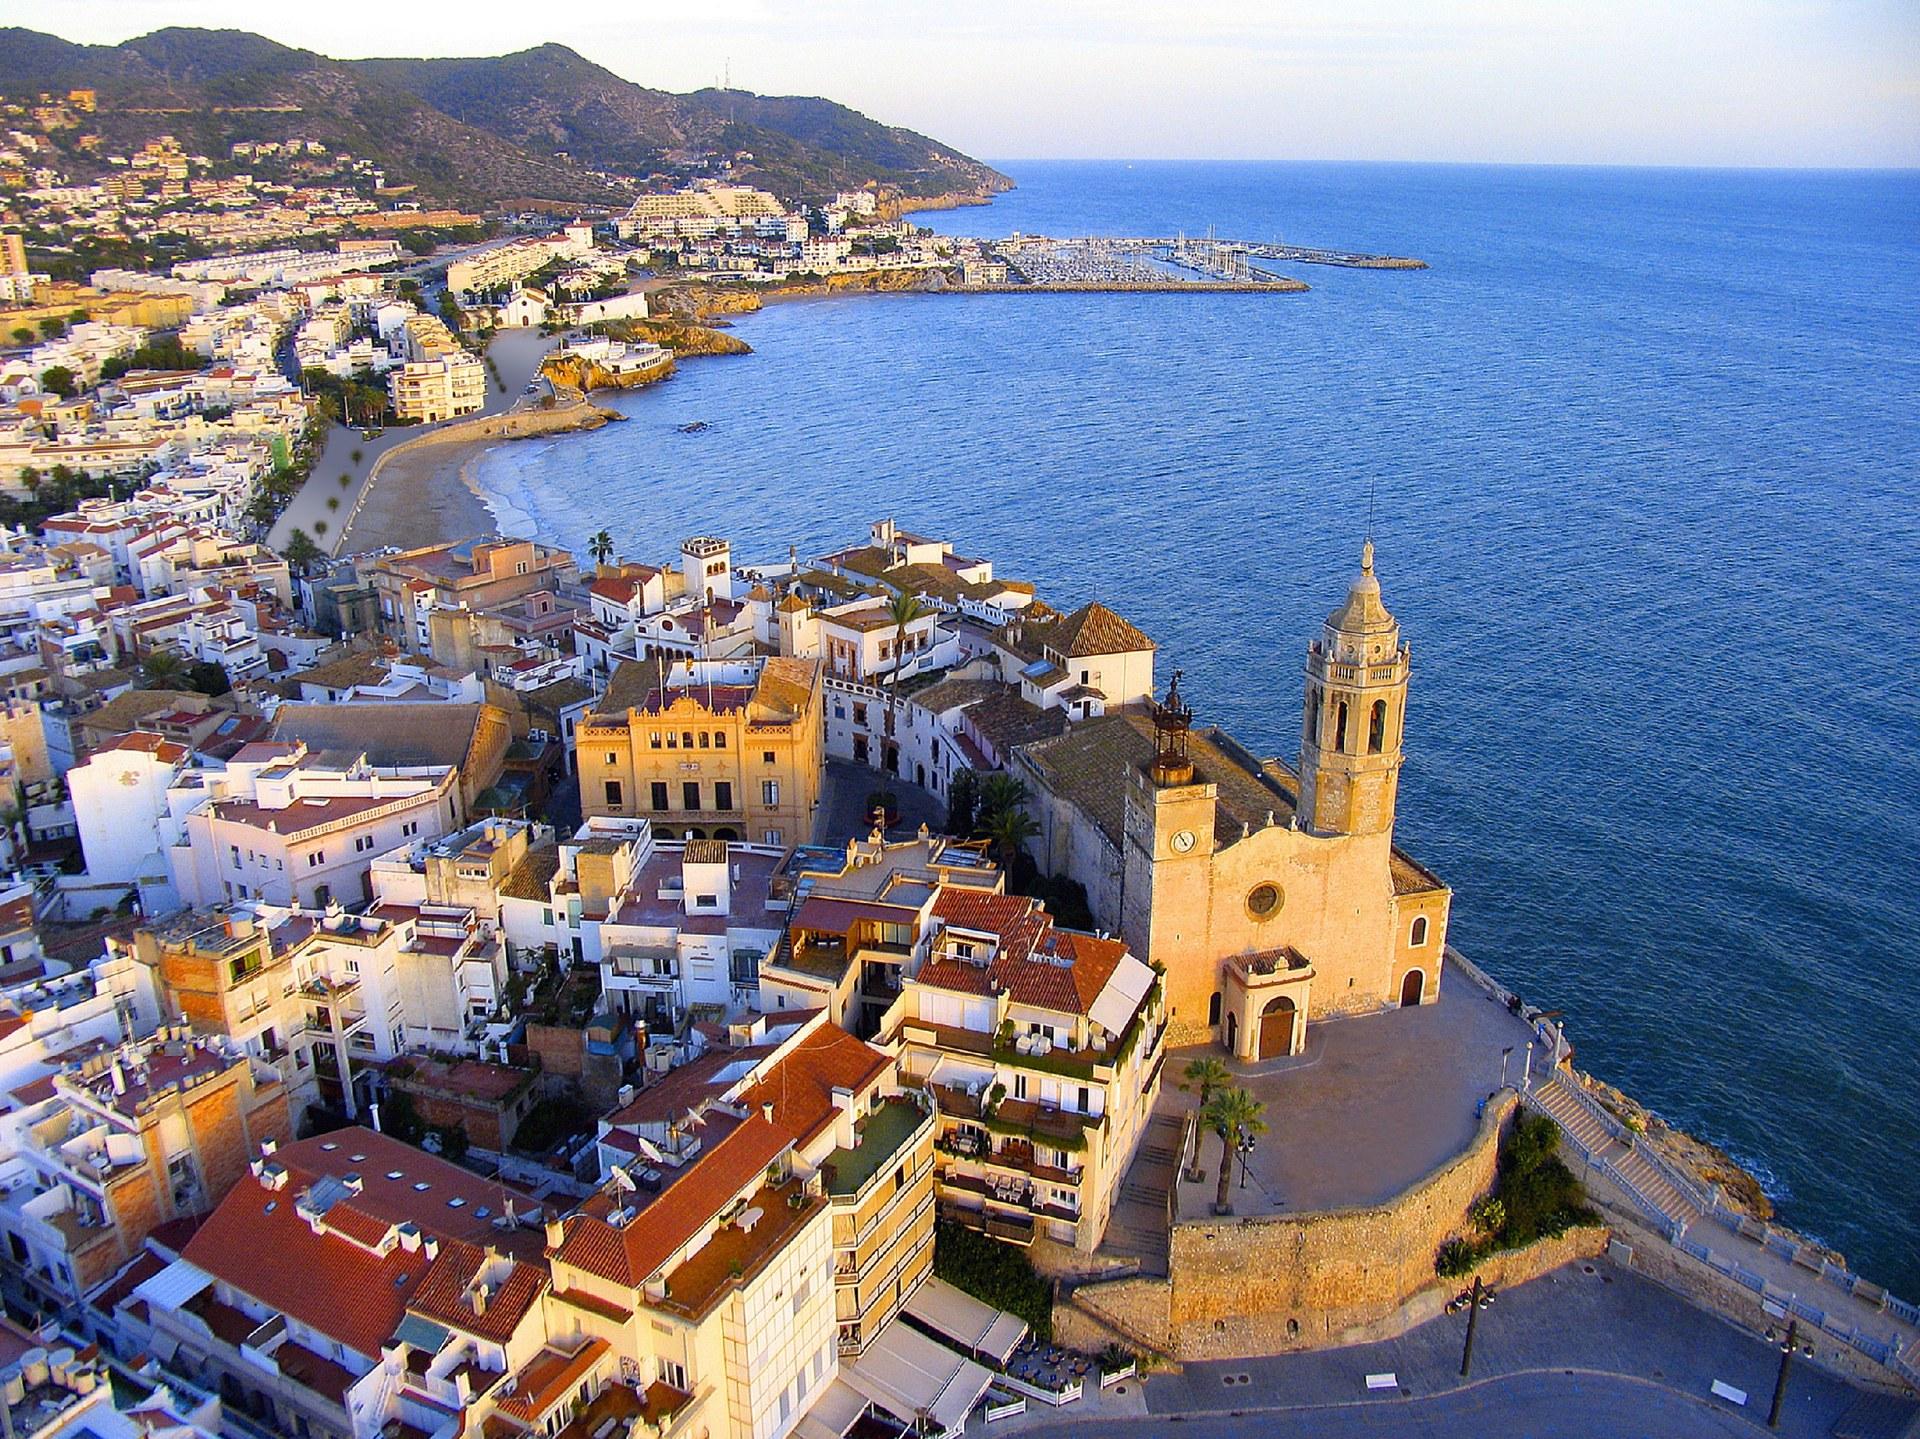 L'Ajuntament de Sitges regula a través d'un decret els esdeveniments a l'aire lliure multitudinaris durant l'estiu a causa de la Covid-19